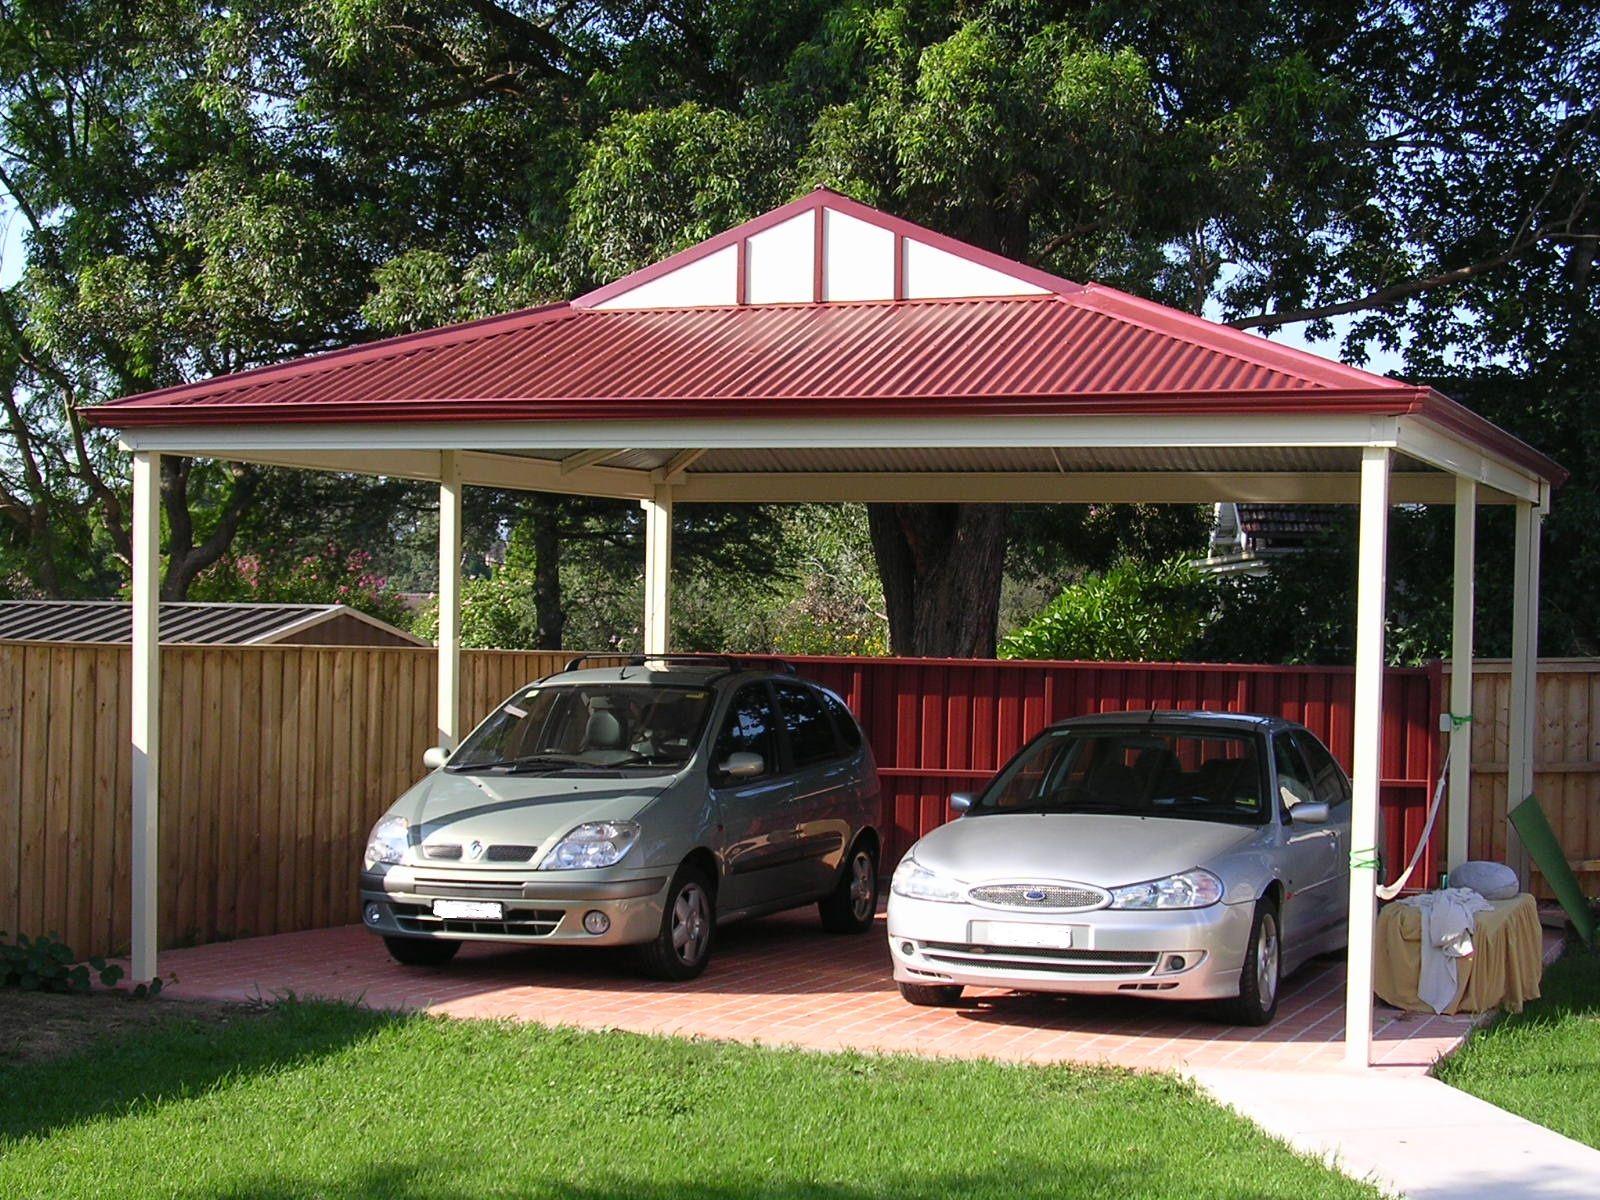 Carport double carport brisbane outside concepts for Apartment carport